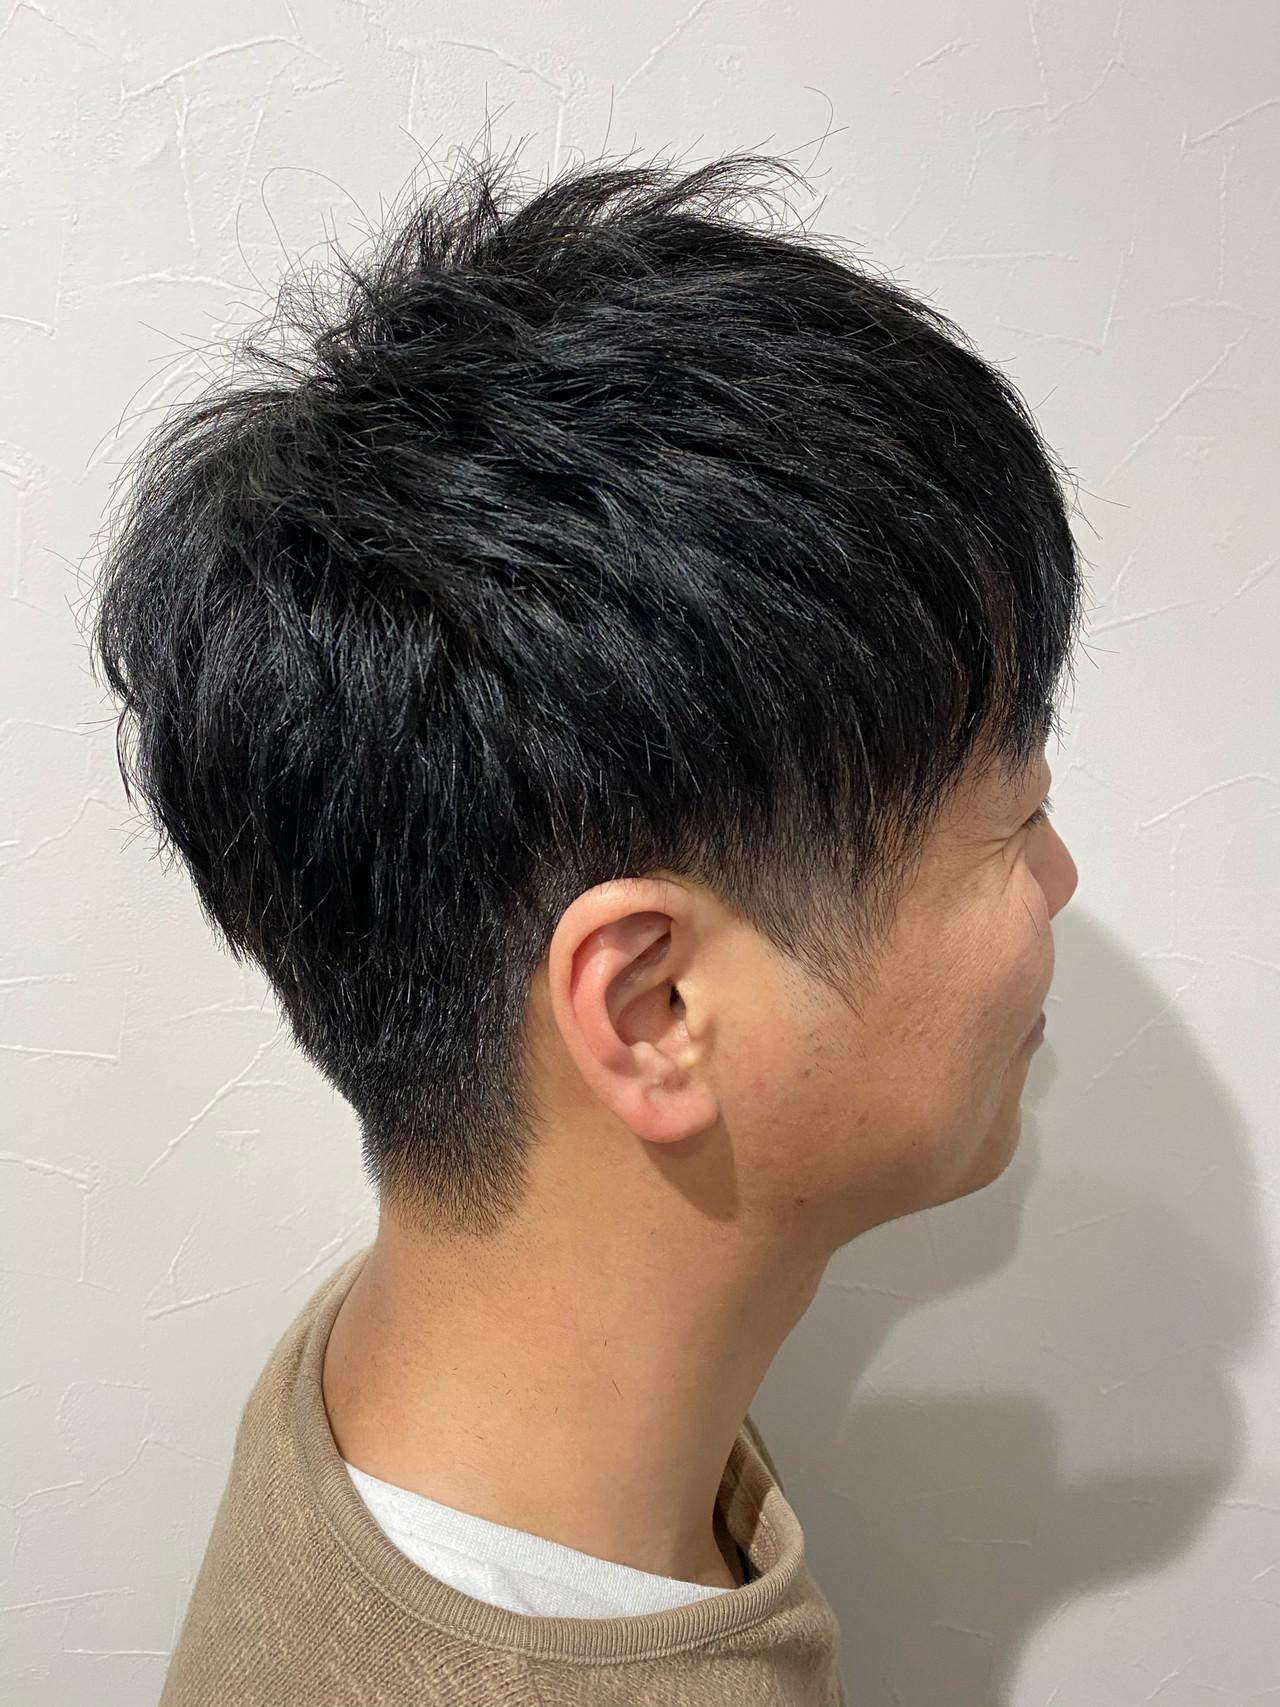 メンズカット ショート メンズショート ストリート ヘアスタイルや髪型の写真・画像